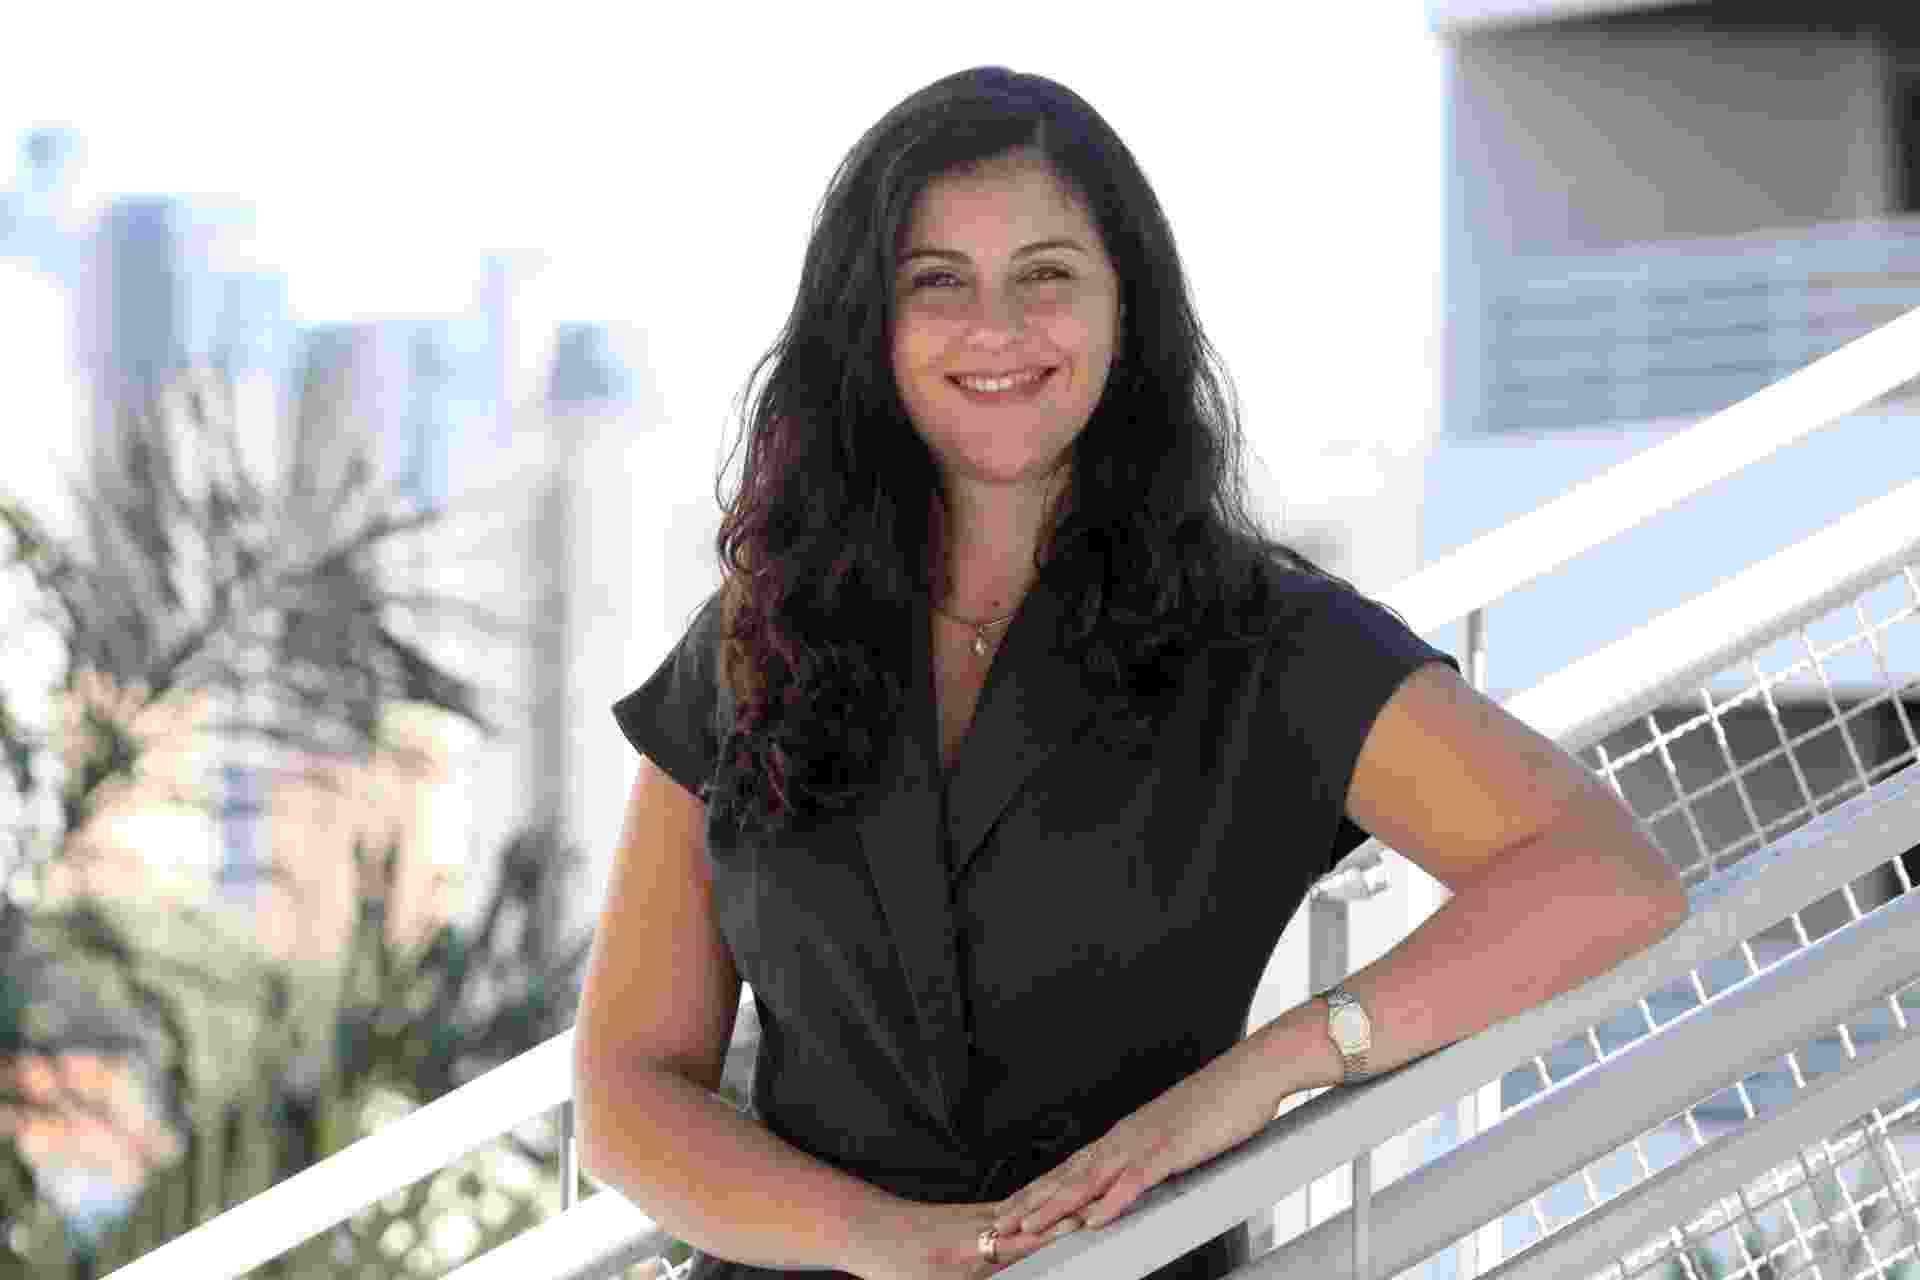 executivos falam sobre puxa-saquismo | Mônica Oliveira Rocha, gerente de desenvolvimento de pessoas da CPFL Energia - Arquivo Pessoal